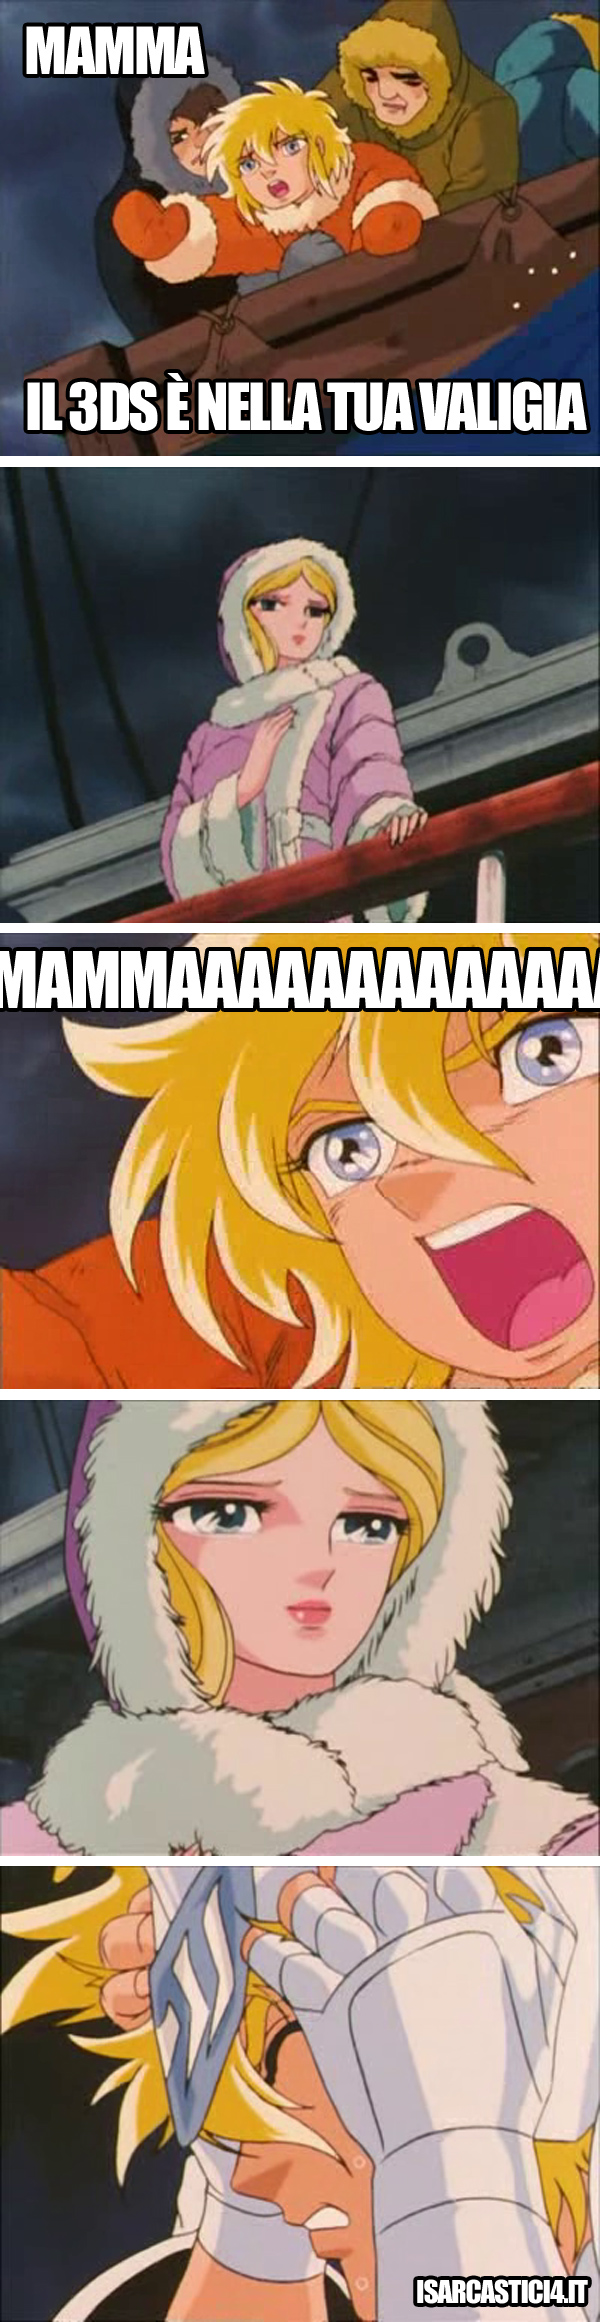 Cavalieri dello zodiaco meme ita - Mamma!